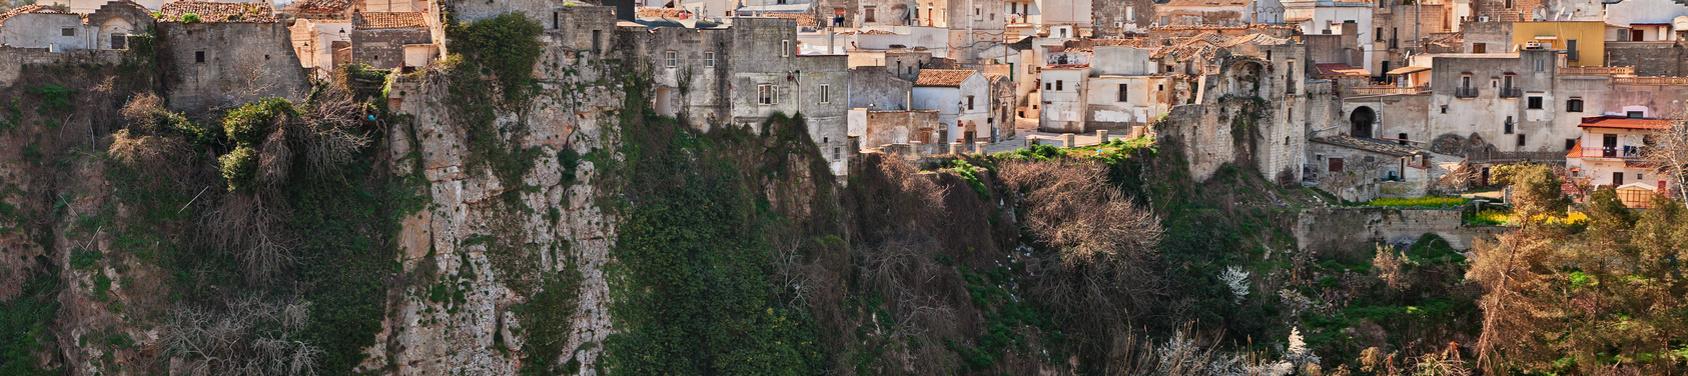 Bild von Provinz Tarent